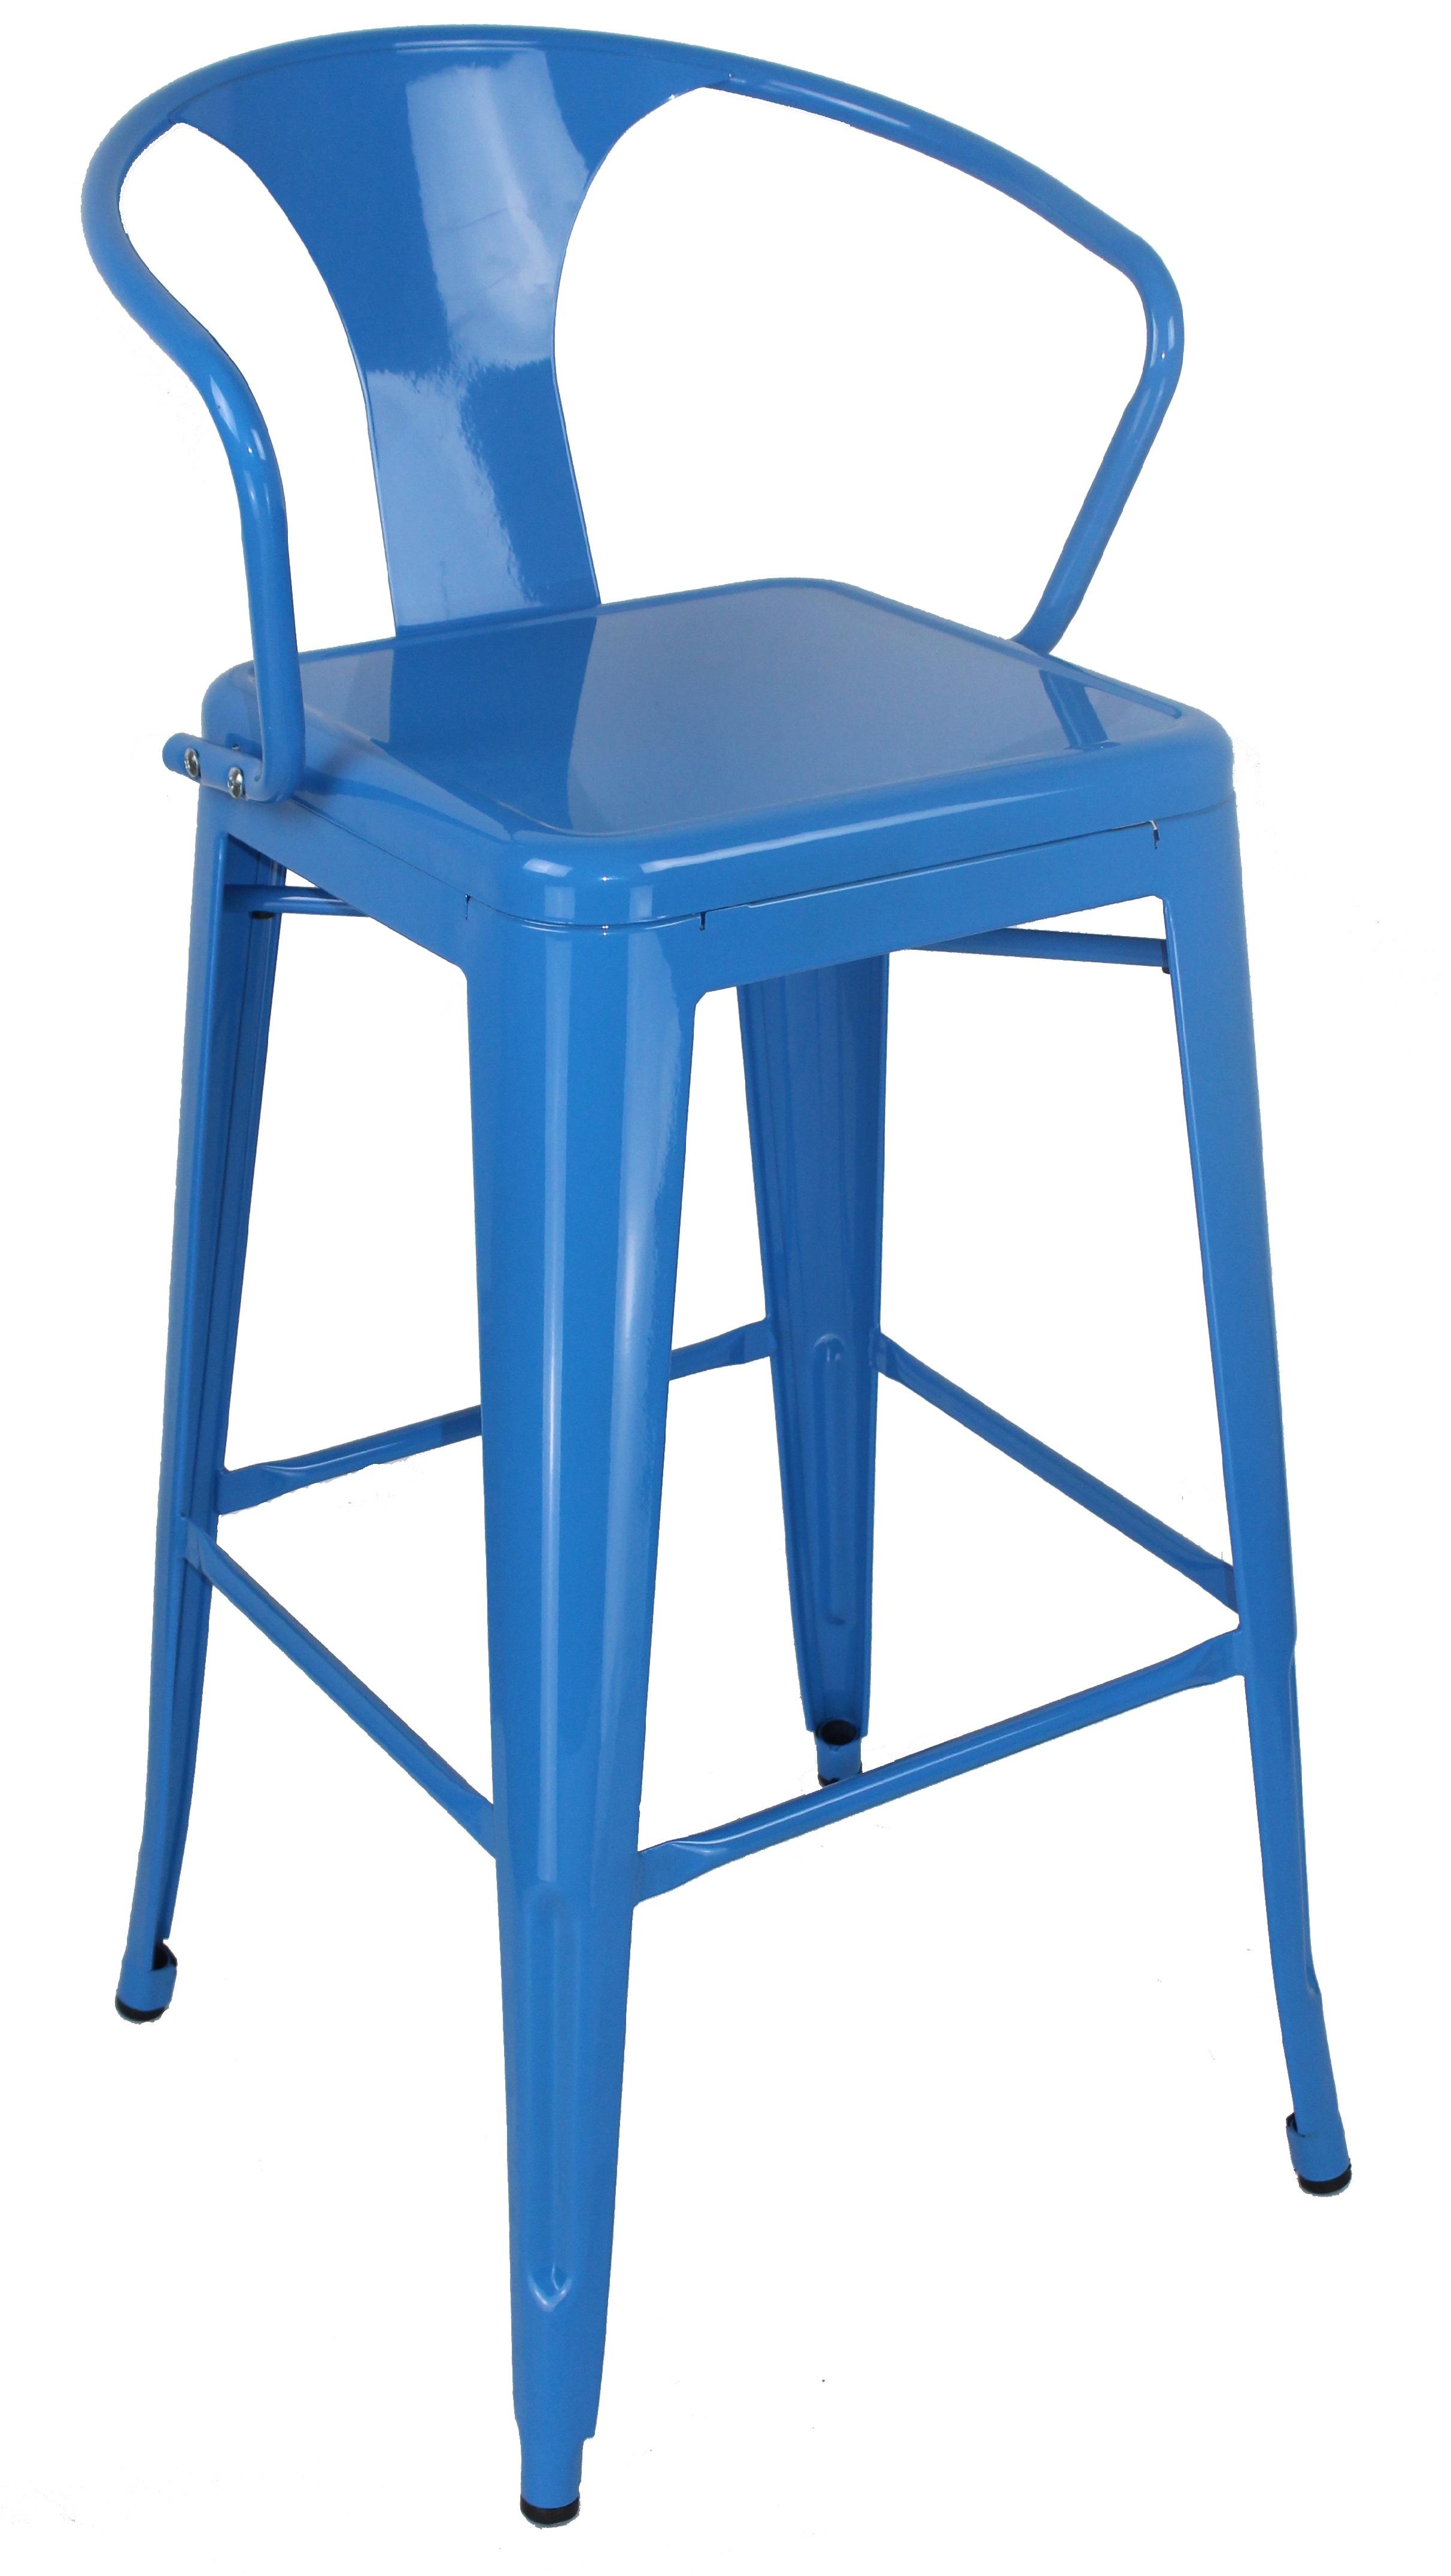 Metal bar Chair supplier